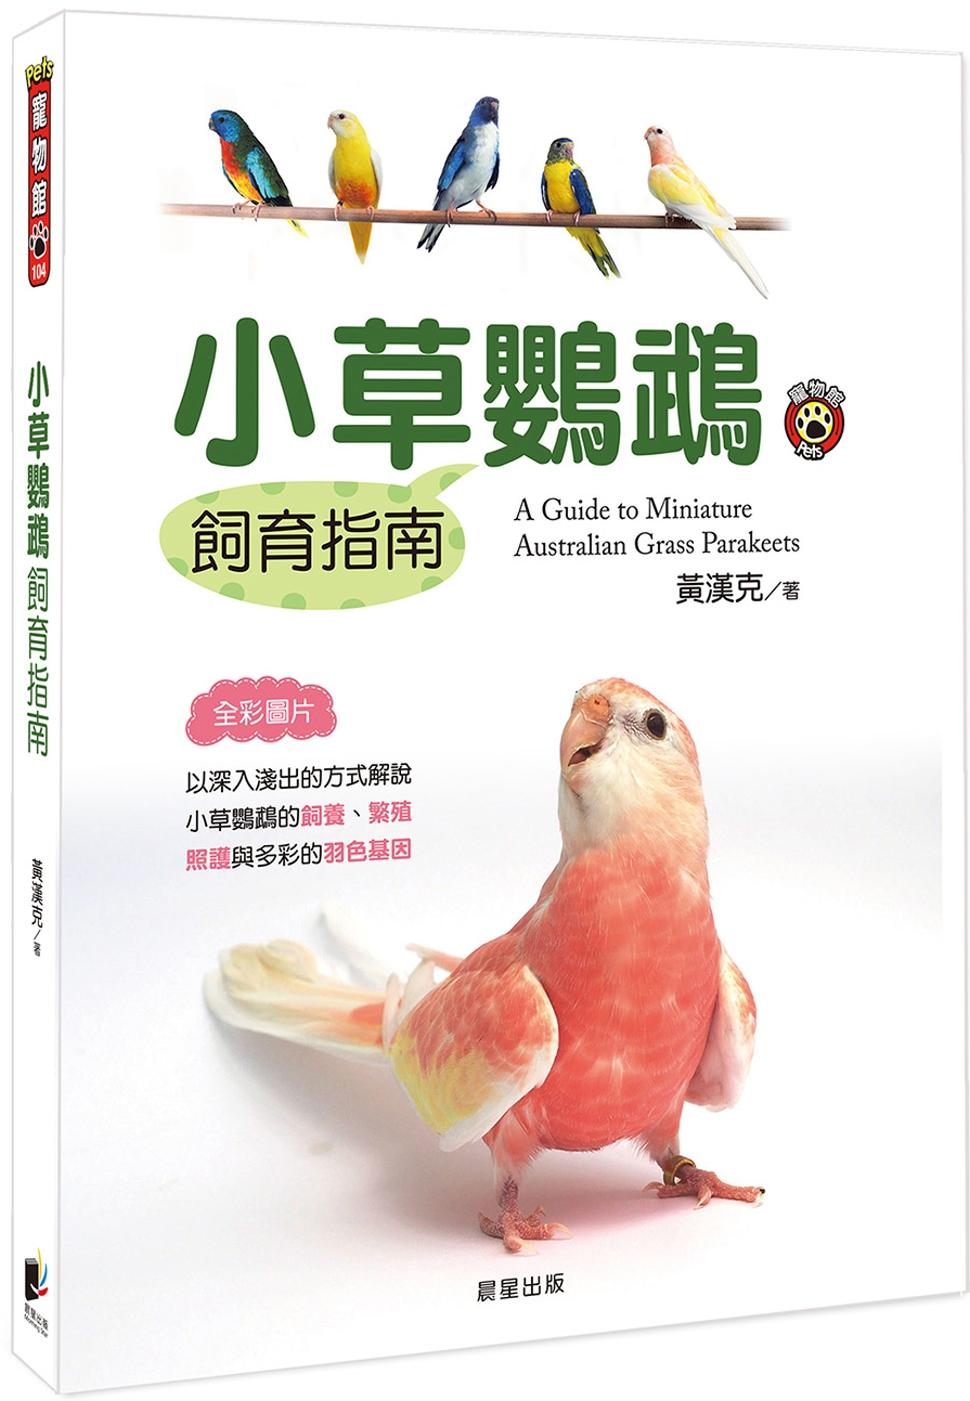 小草鸚鵡飼育指南